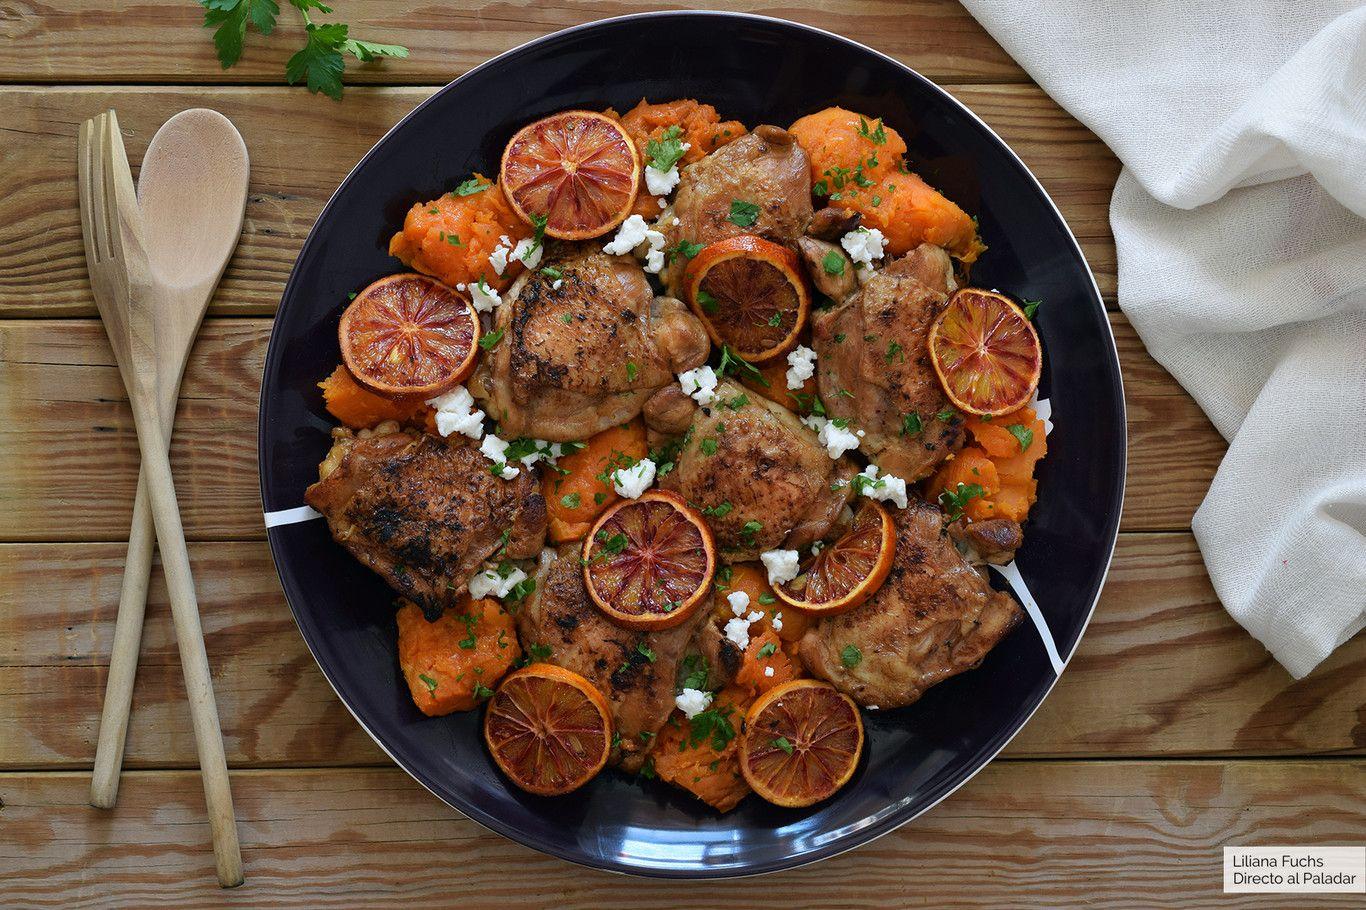 Pollo Al Horno Con Boniato Sanguinas Y Feta Receta De Cocina Fácil Y Deliciosa Verduras Pollo Queso Feta